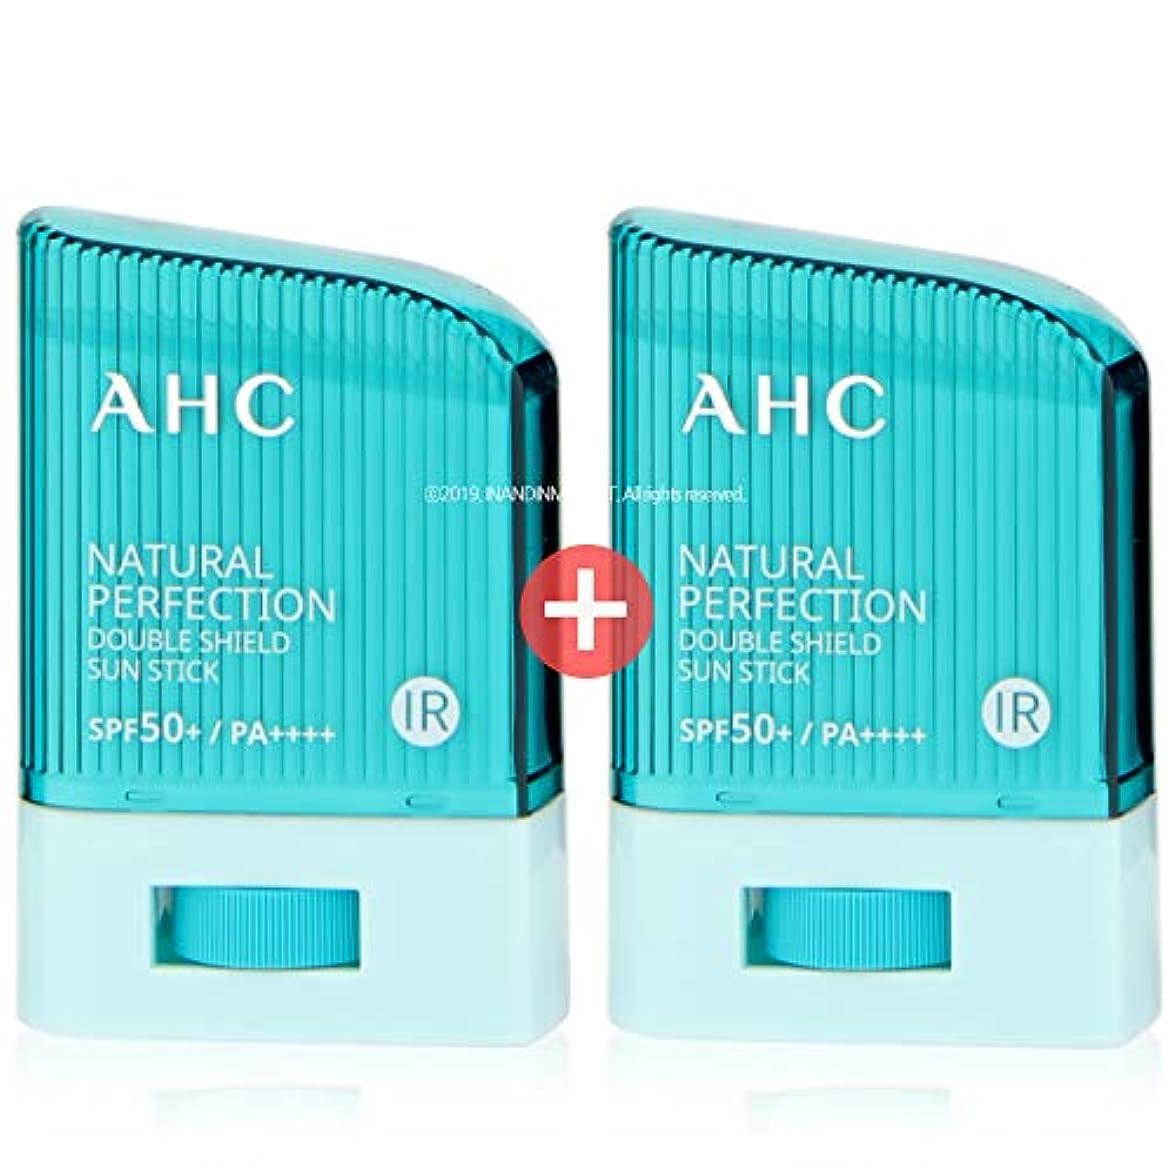 氏ウェイトレス以下[ 1+1 ] AHC ナチュラルパーフェクションダブルシールドサンスティック 14g, Natural Perfection Double Shield Sun Stick SPF50+ PA++++